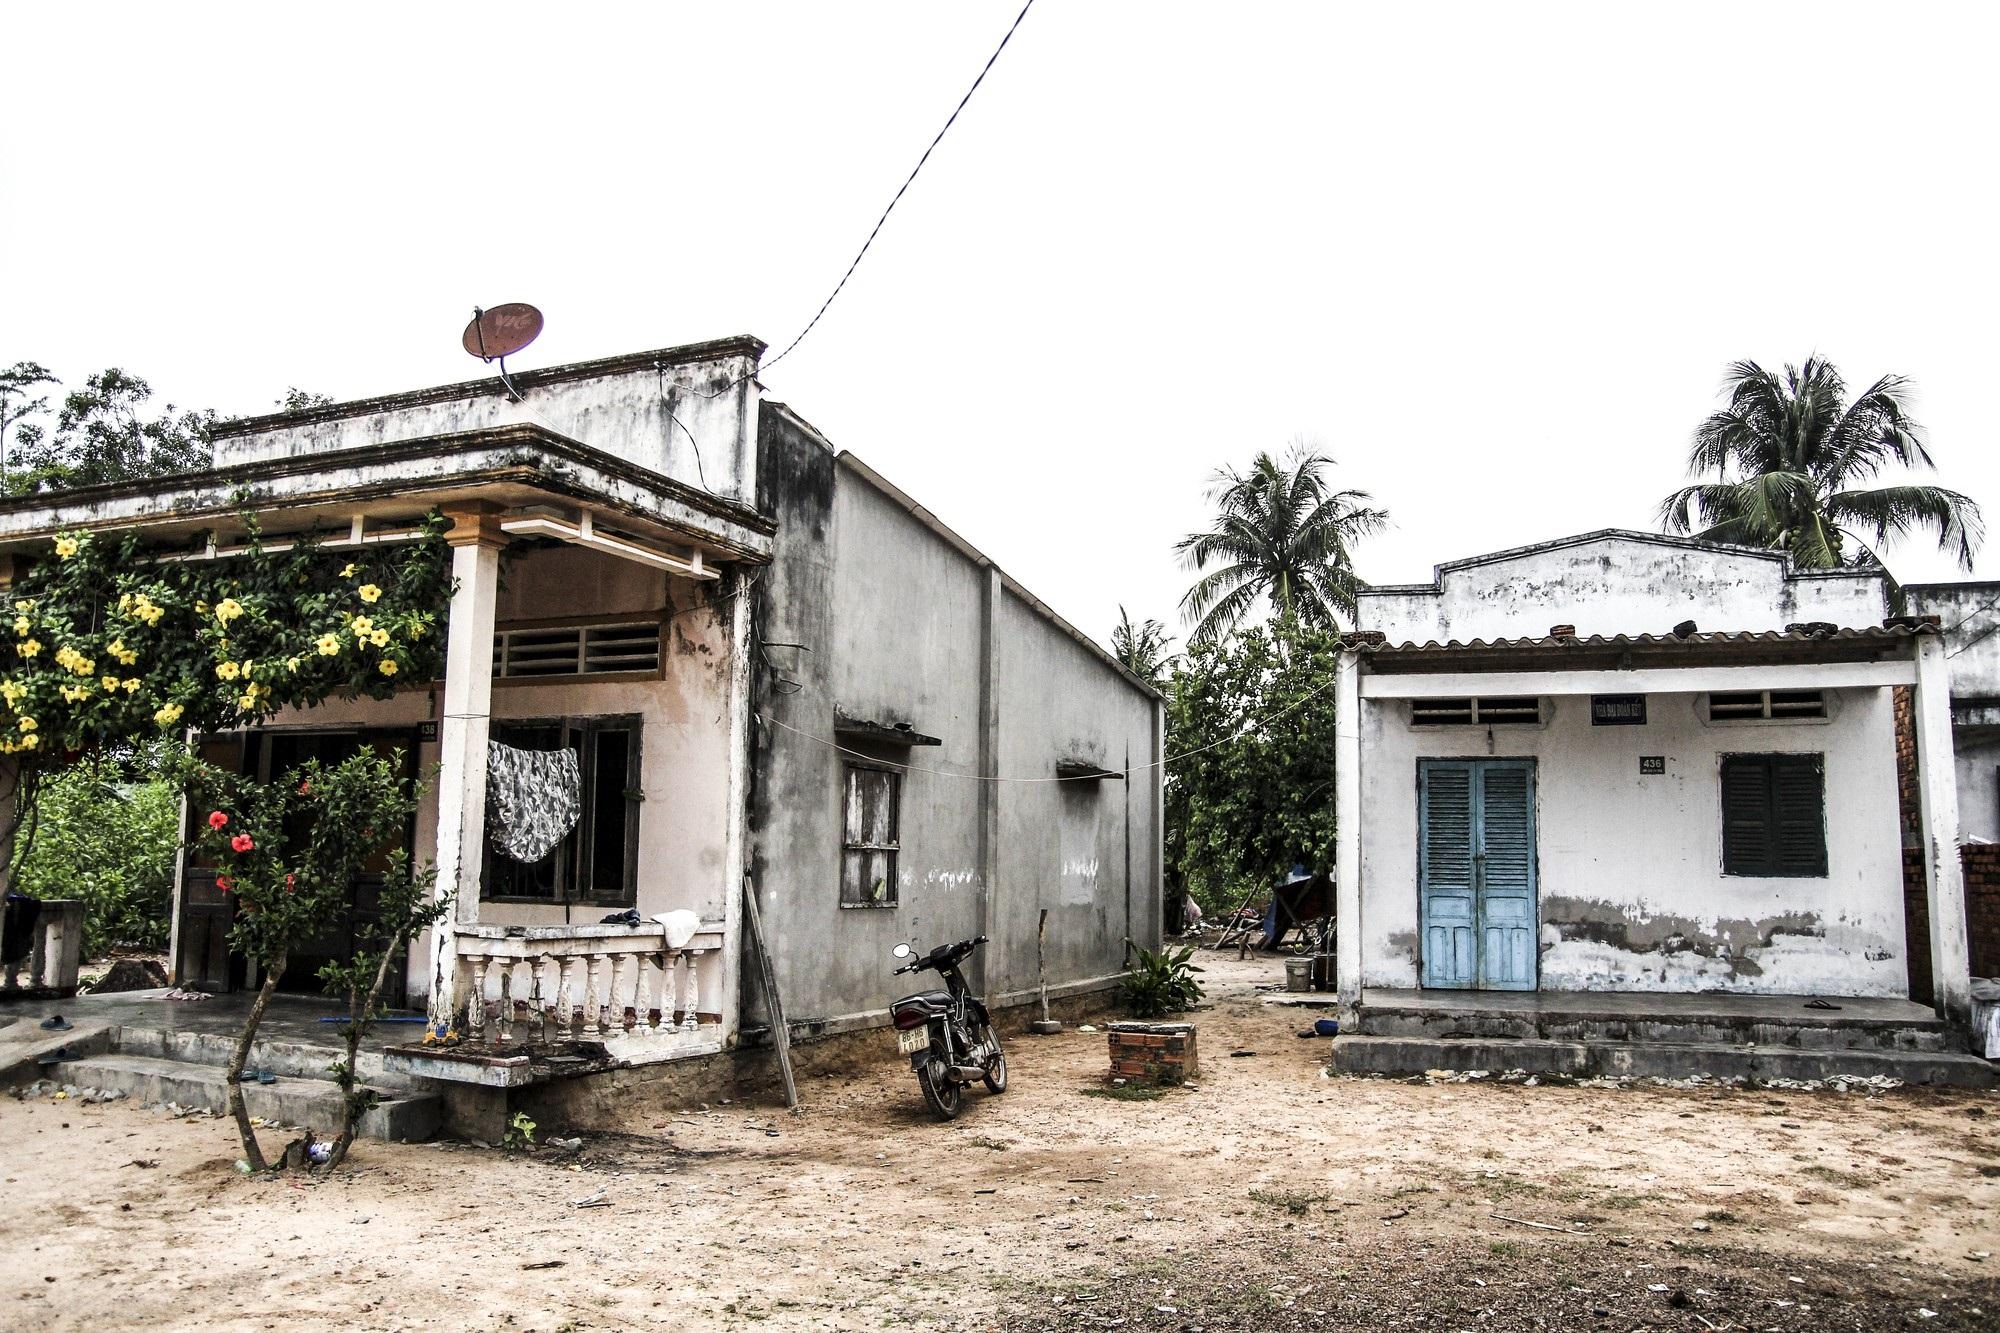 Cuộc đời khốn khổ của người mẹ chôn sống con ở Bình Thuận - Ảnh 3